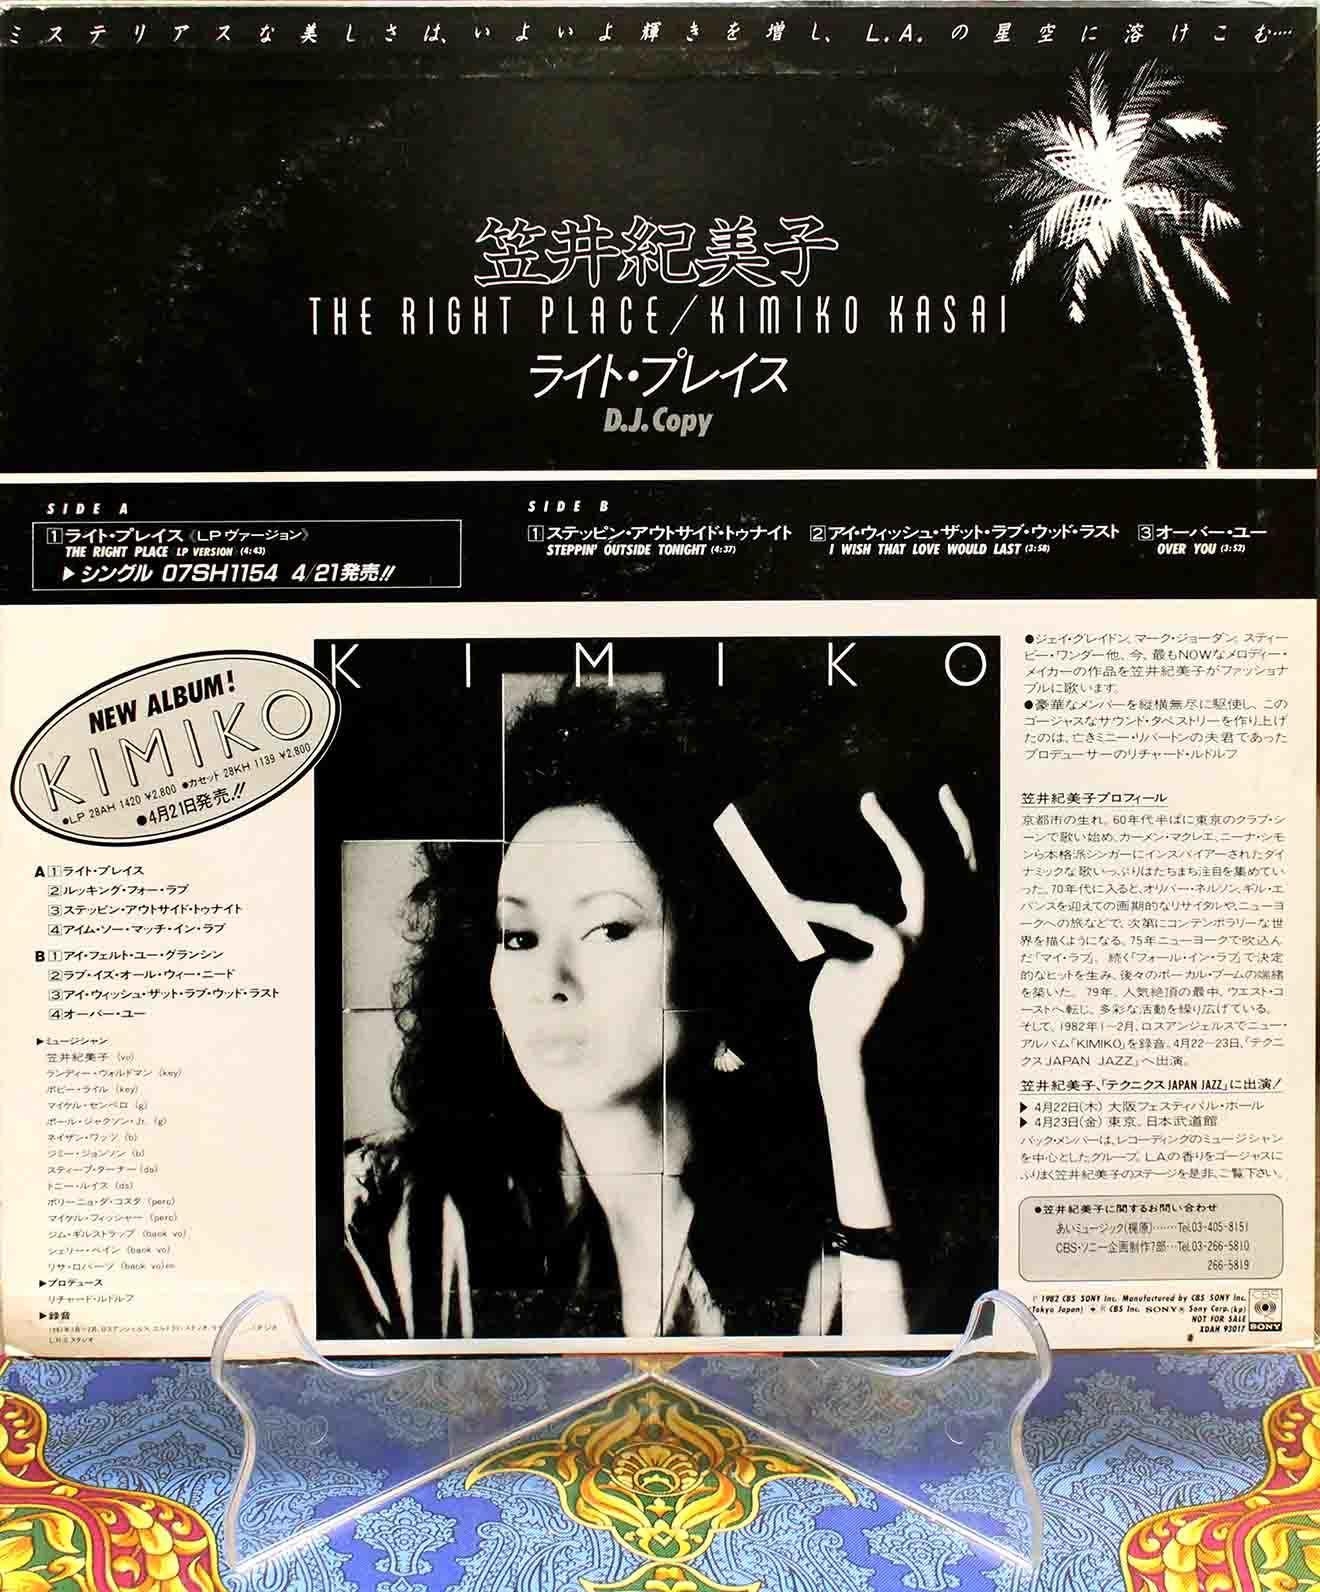 笠井紀美子 DJ Copy 02